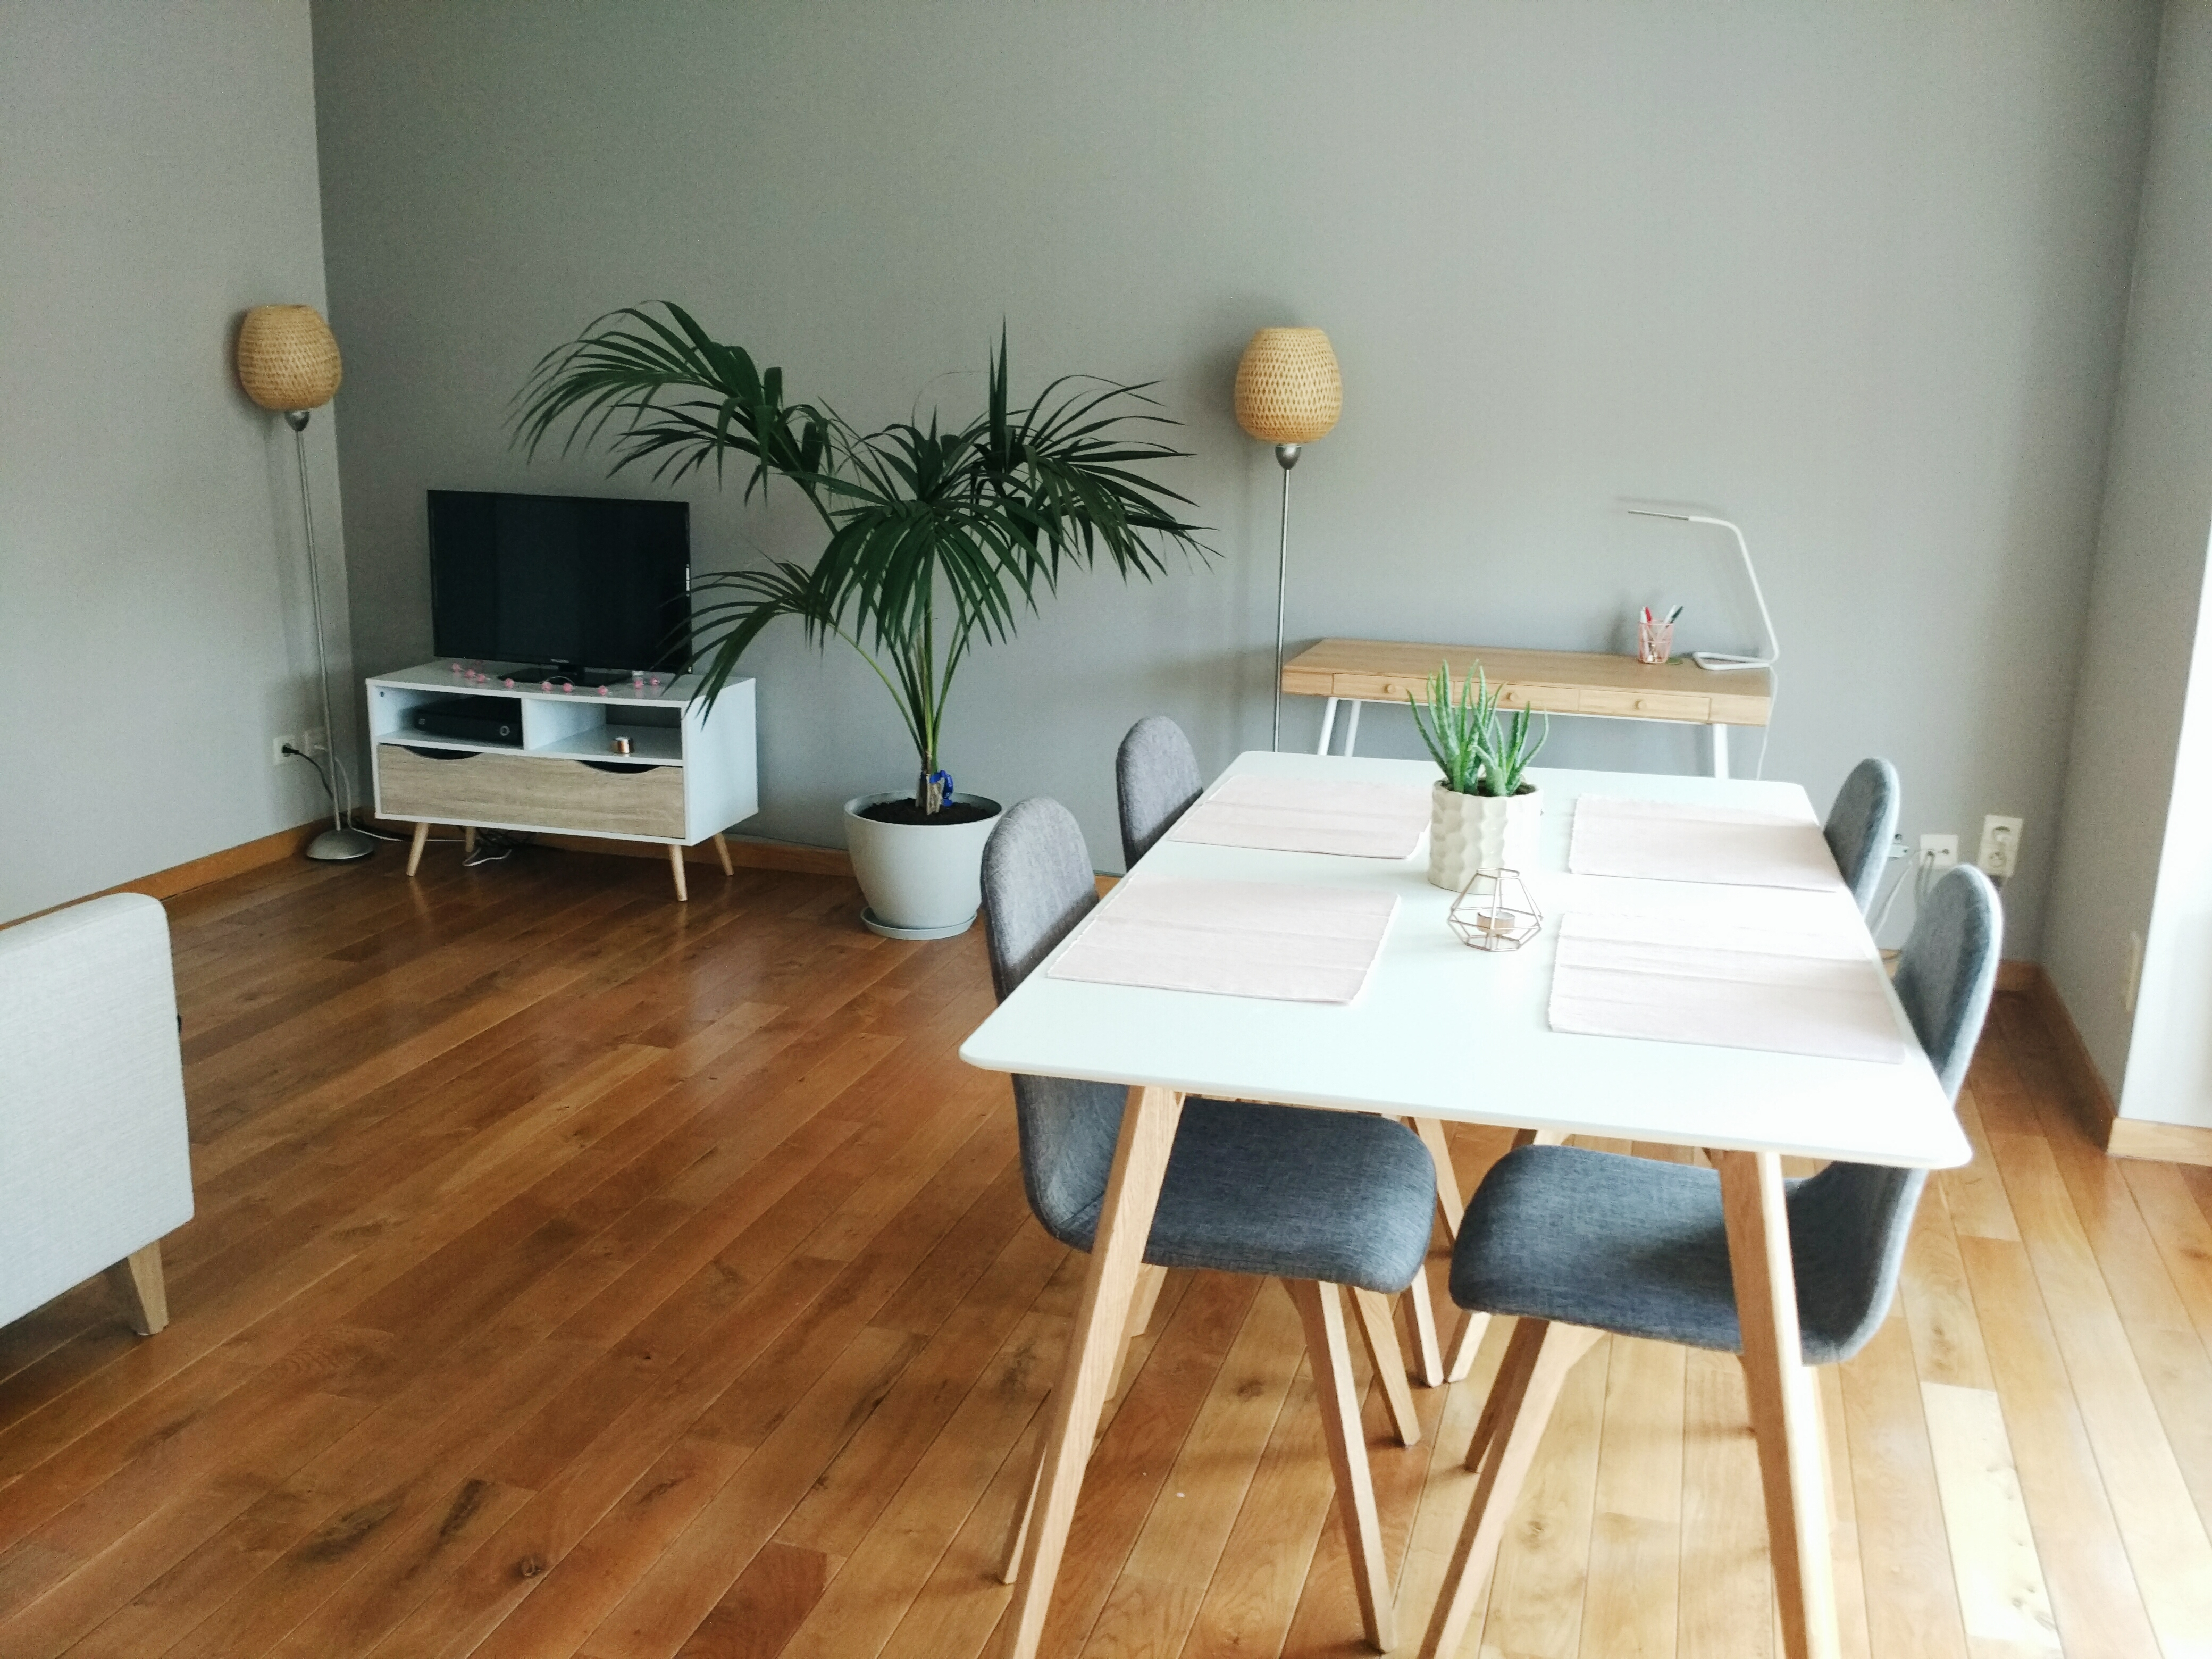 Lampen Scandinavisch Interieur : Mijn scandinavisch interieur movingoutandabout